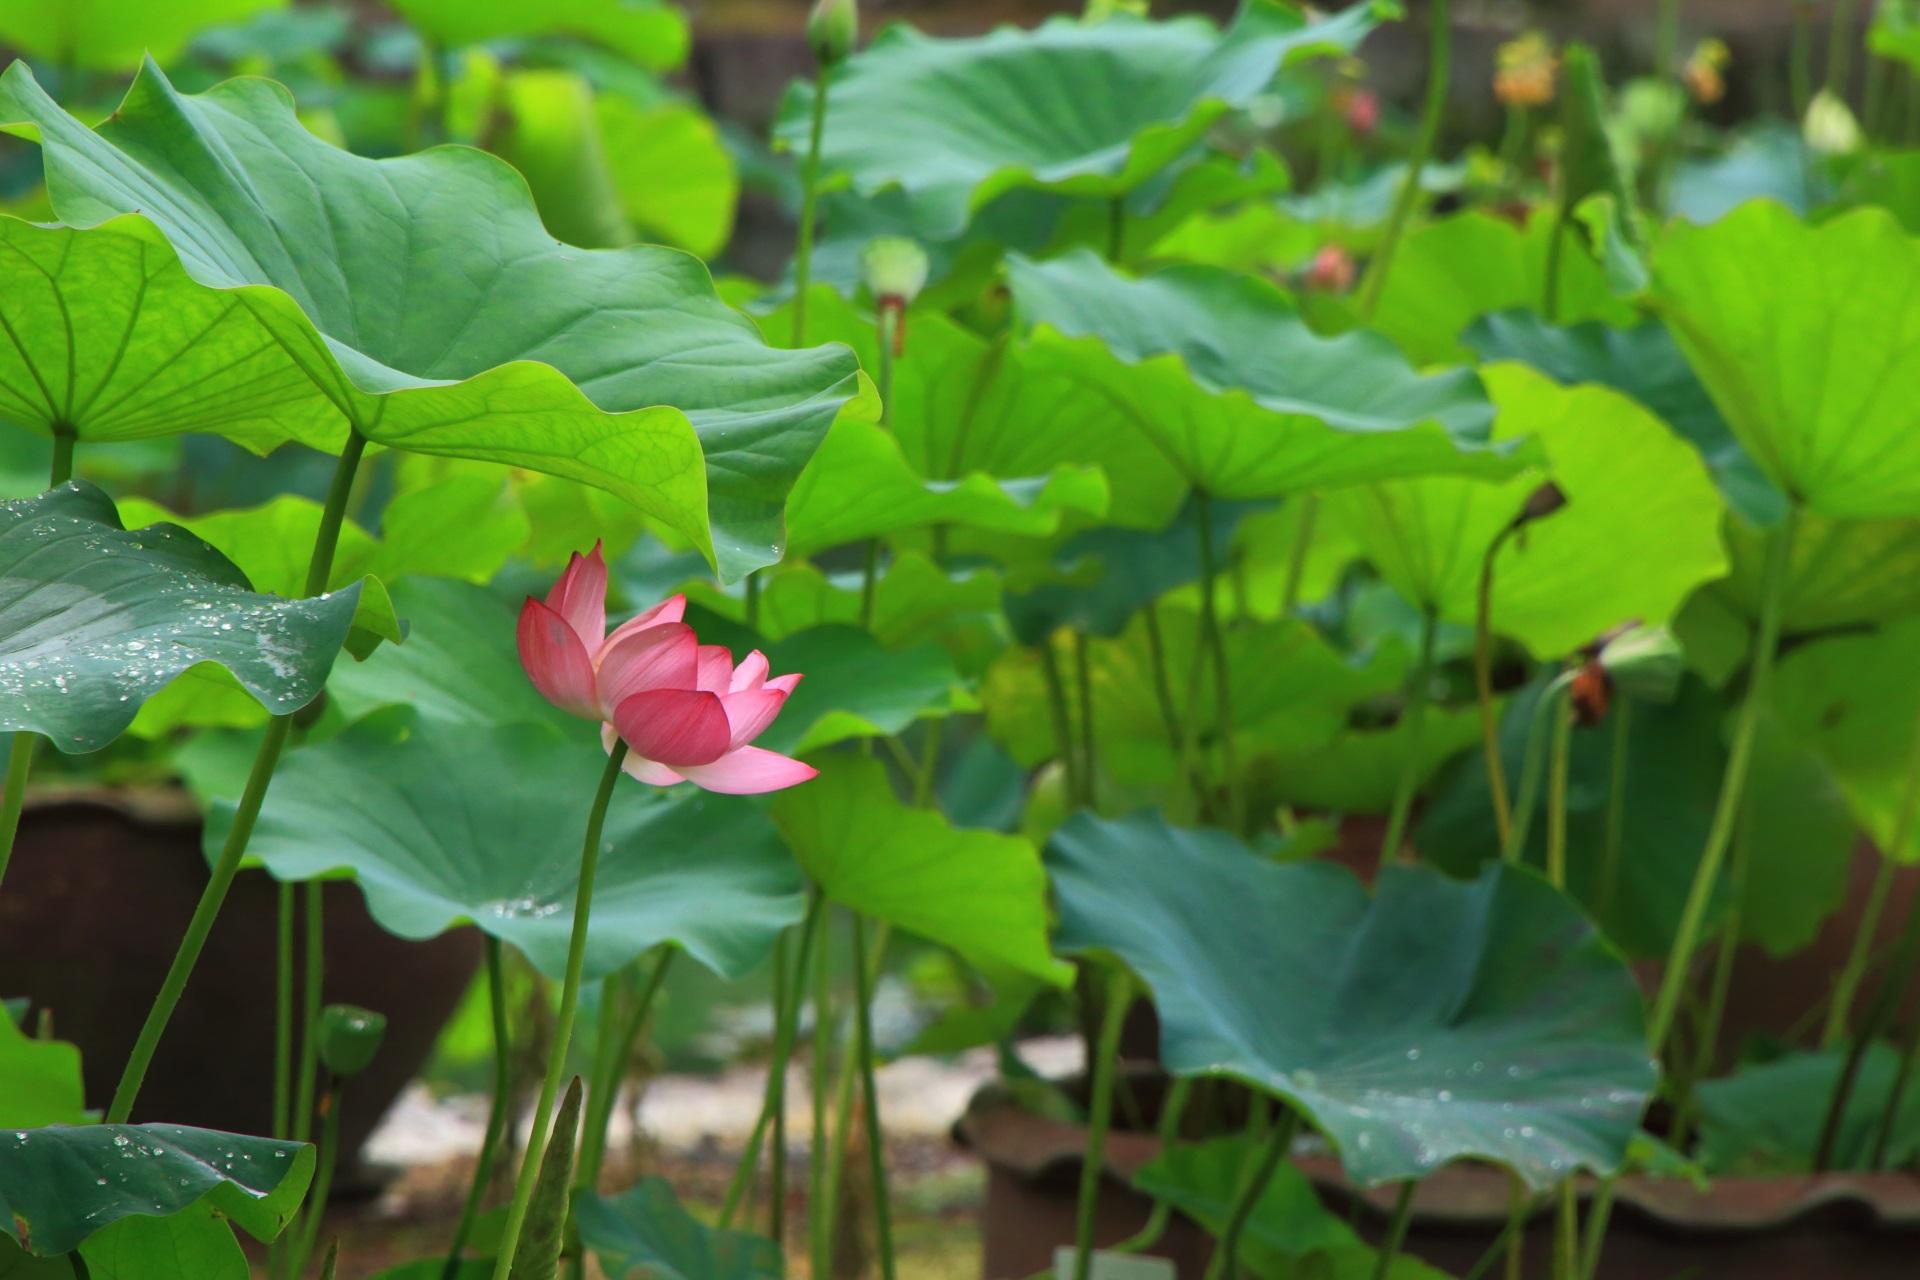 日傘をさしたような蓮の花